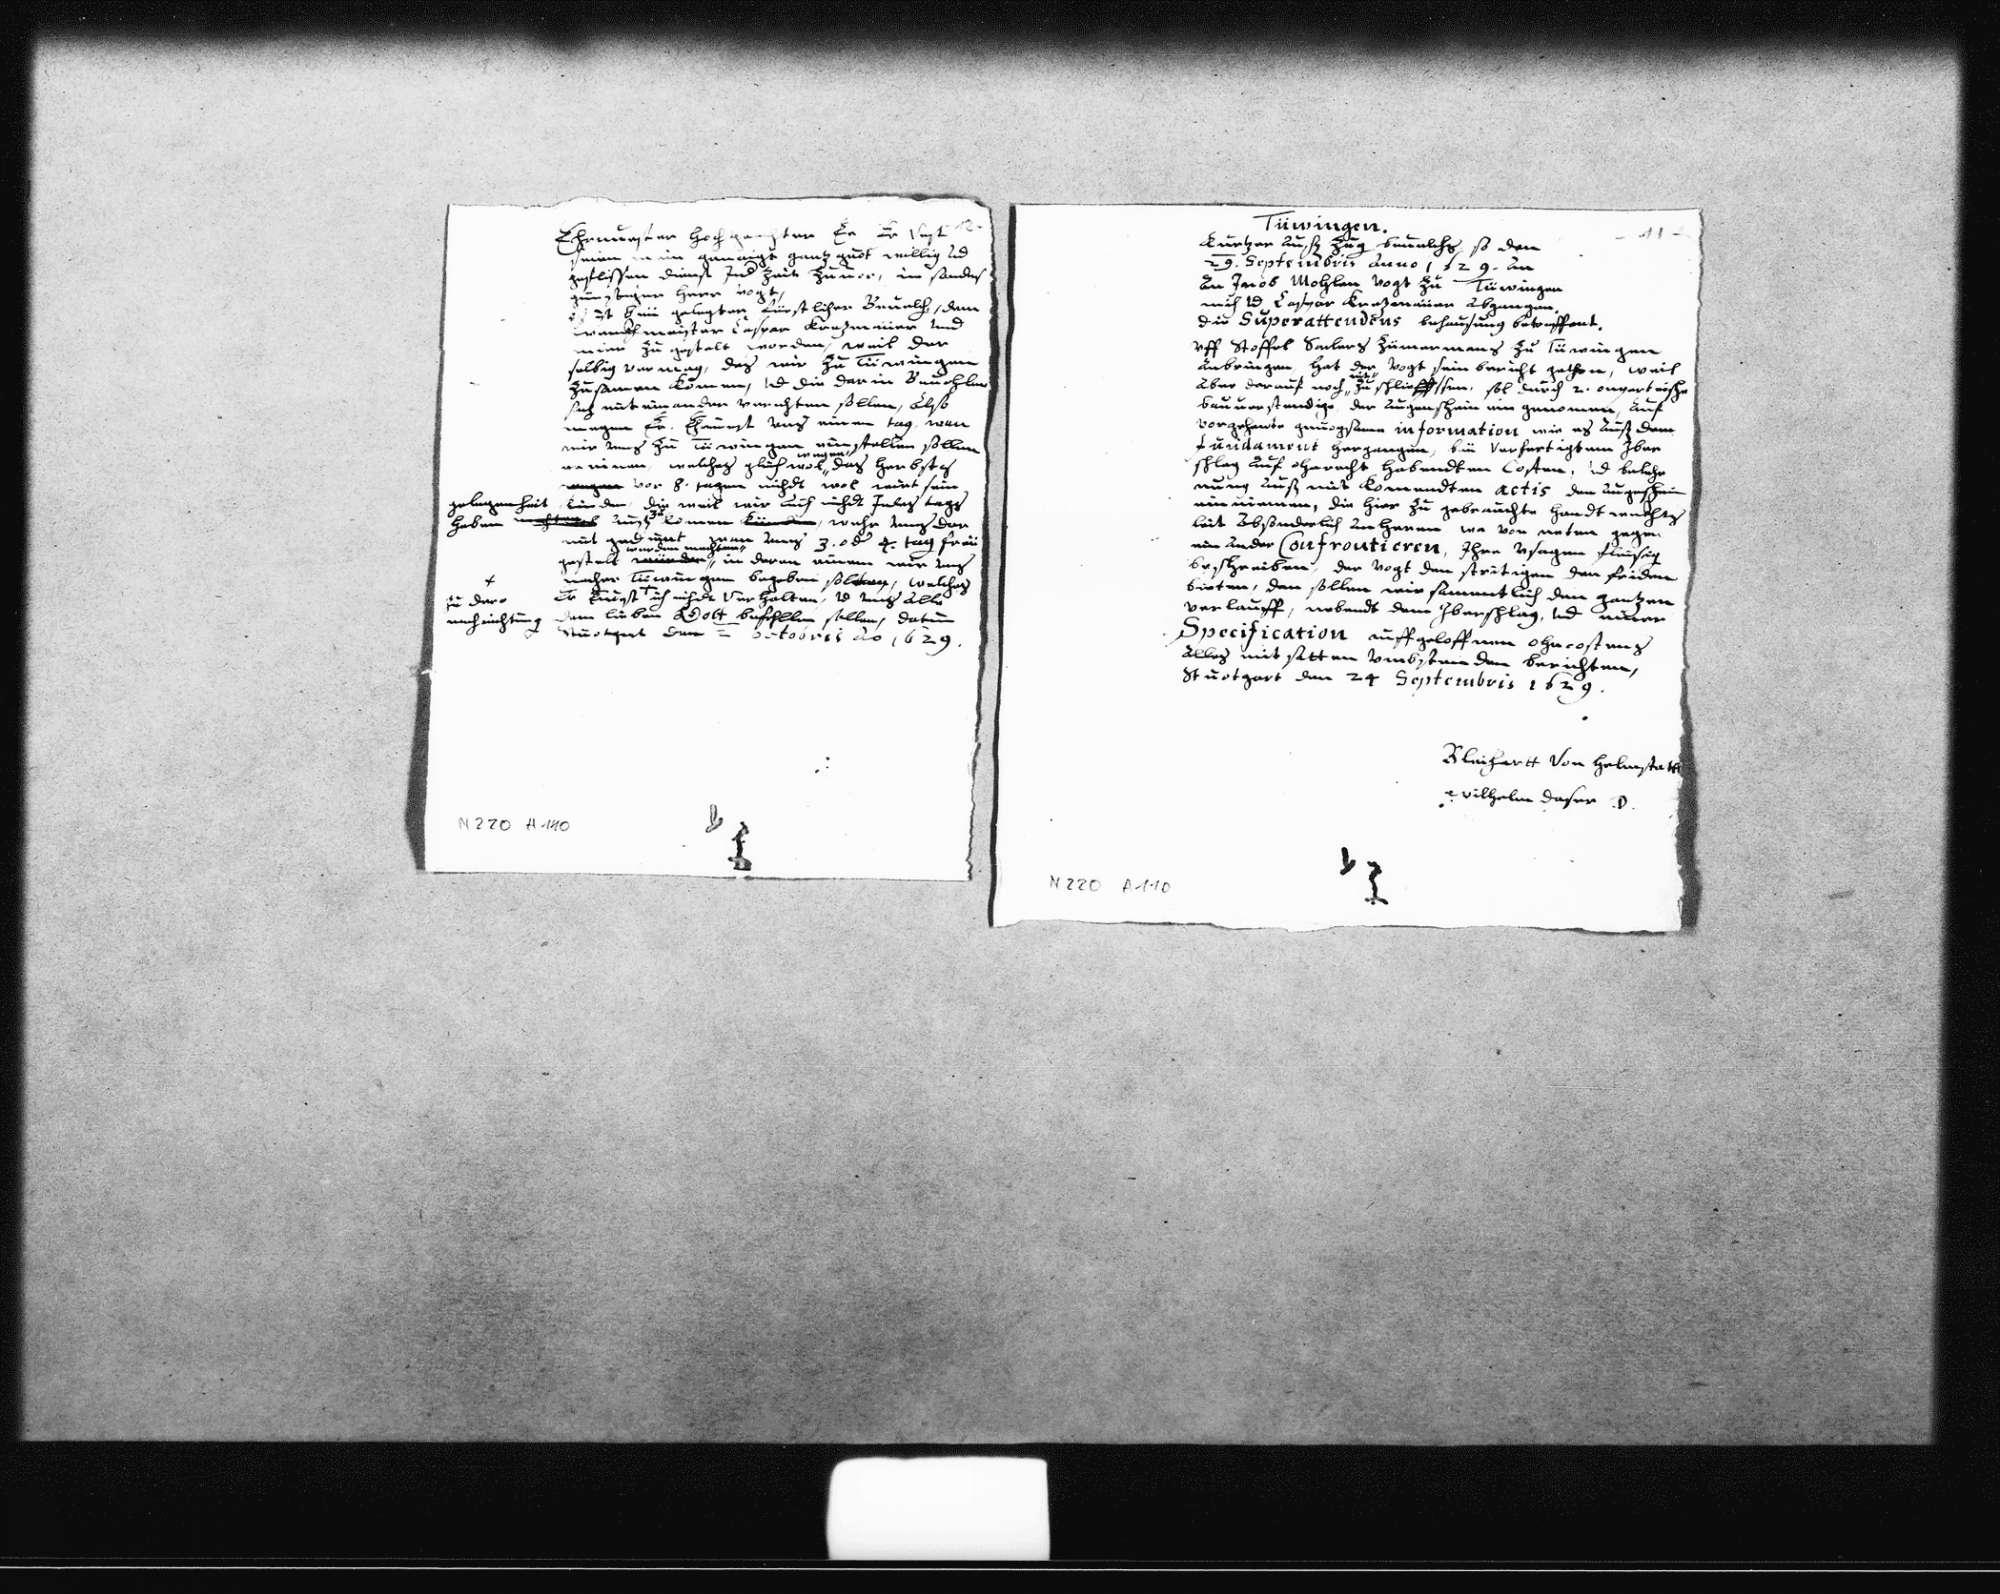 Notizen, Entwürfe und Rechnungen für ein Gutachten zu Unstimmigkeiten bei der Abrechnung der Baukosten (u. a. für das Haus des Superattendenten) durch Christoph Seiler, Zimmermann, zum Teil o. D. (3 Oktav, Quart, Folio Doppelblatt) und datiert 24. September 1629 (Quart), 2. Oktober 1629 (Quart), 1631 (Folio), Bild 1